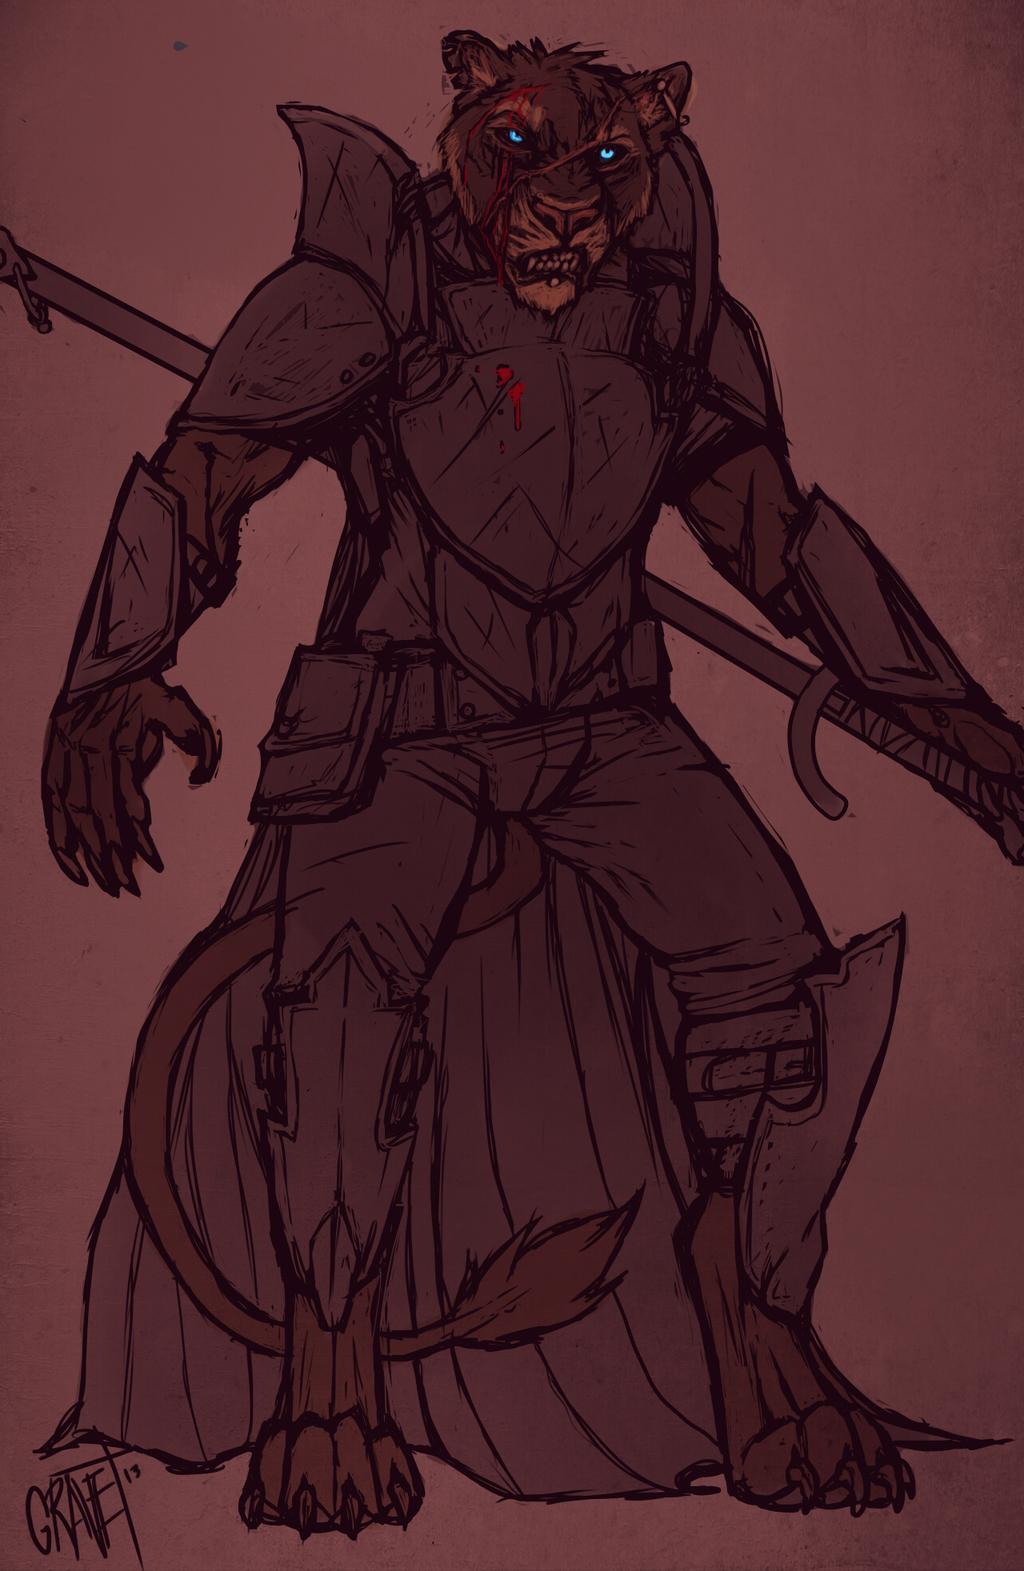 [Gift] The Dragon Slayer